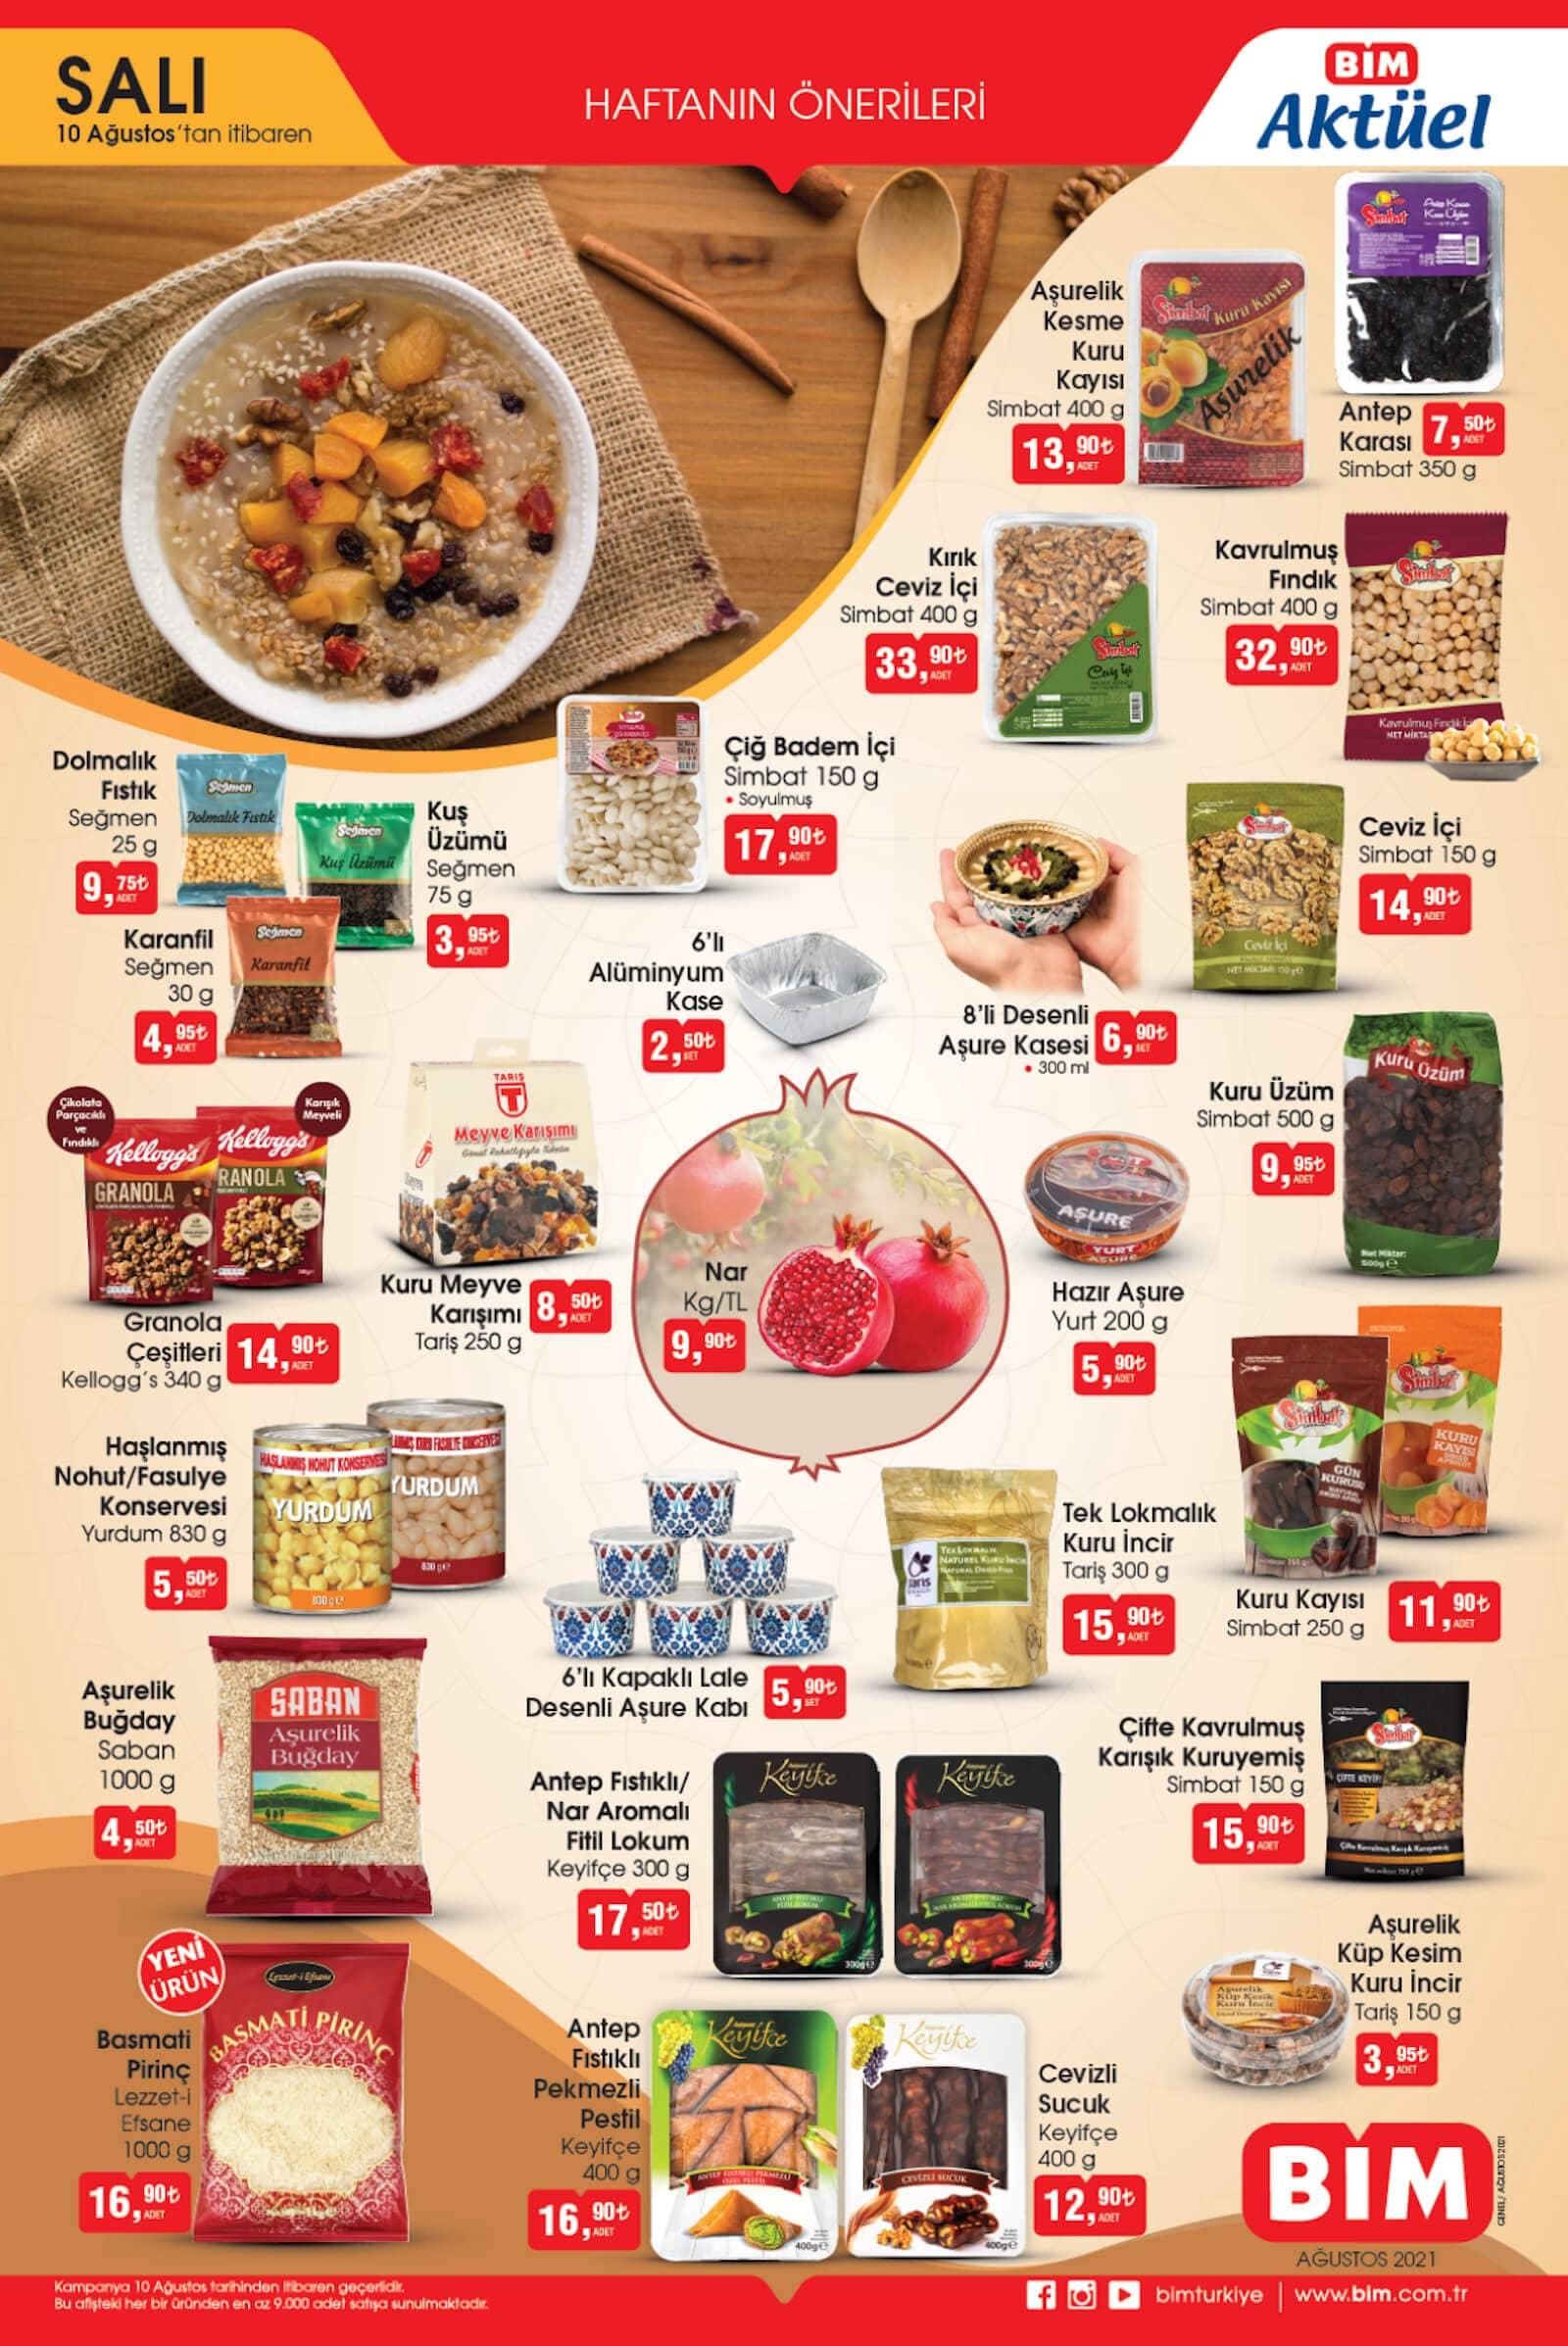 bim market 10 ağustos indirimli kuruyemiş ve baklagiller ürünleri